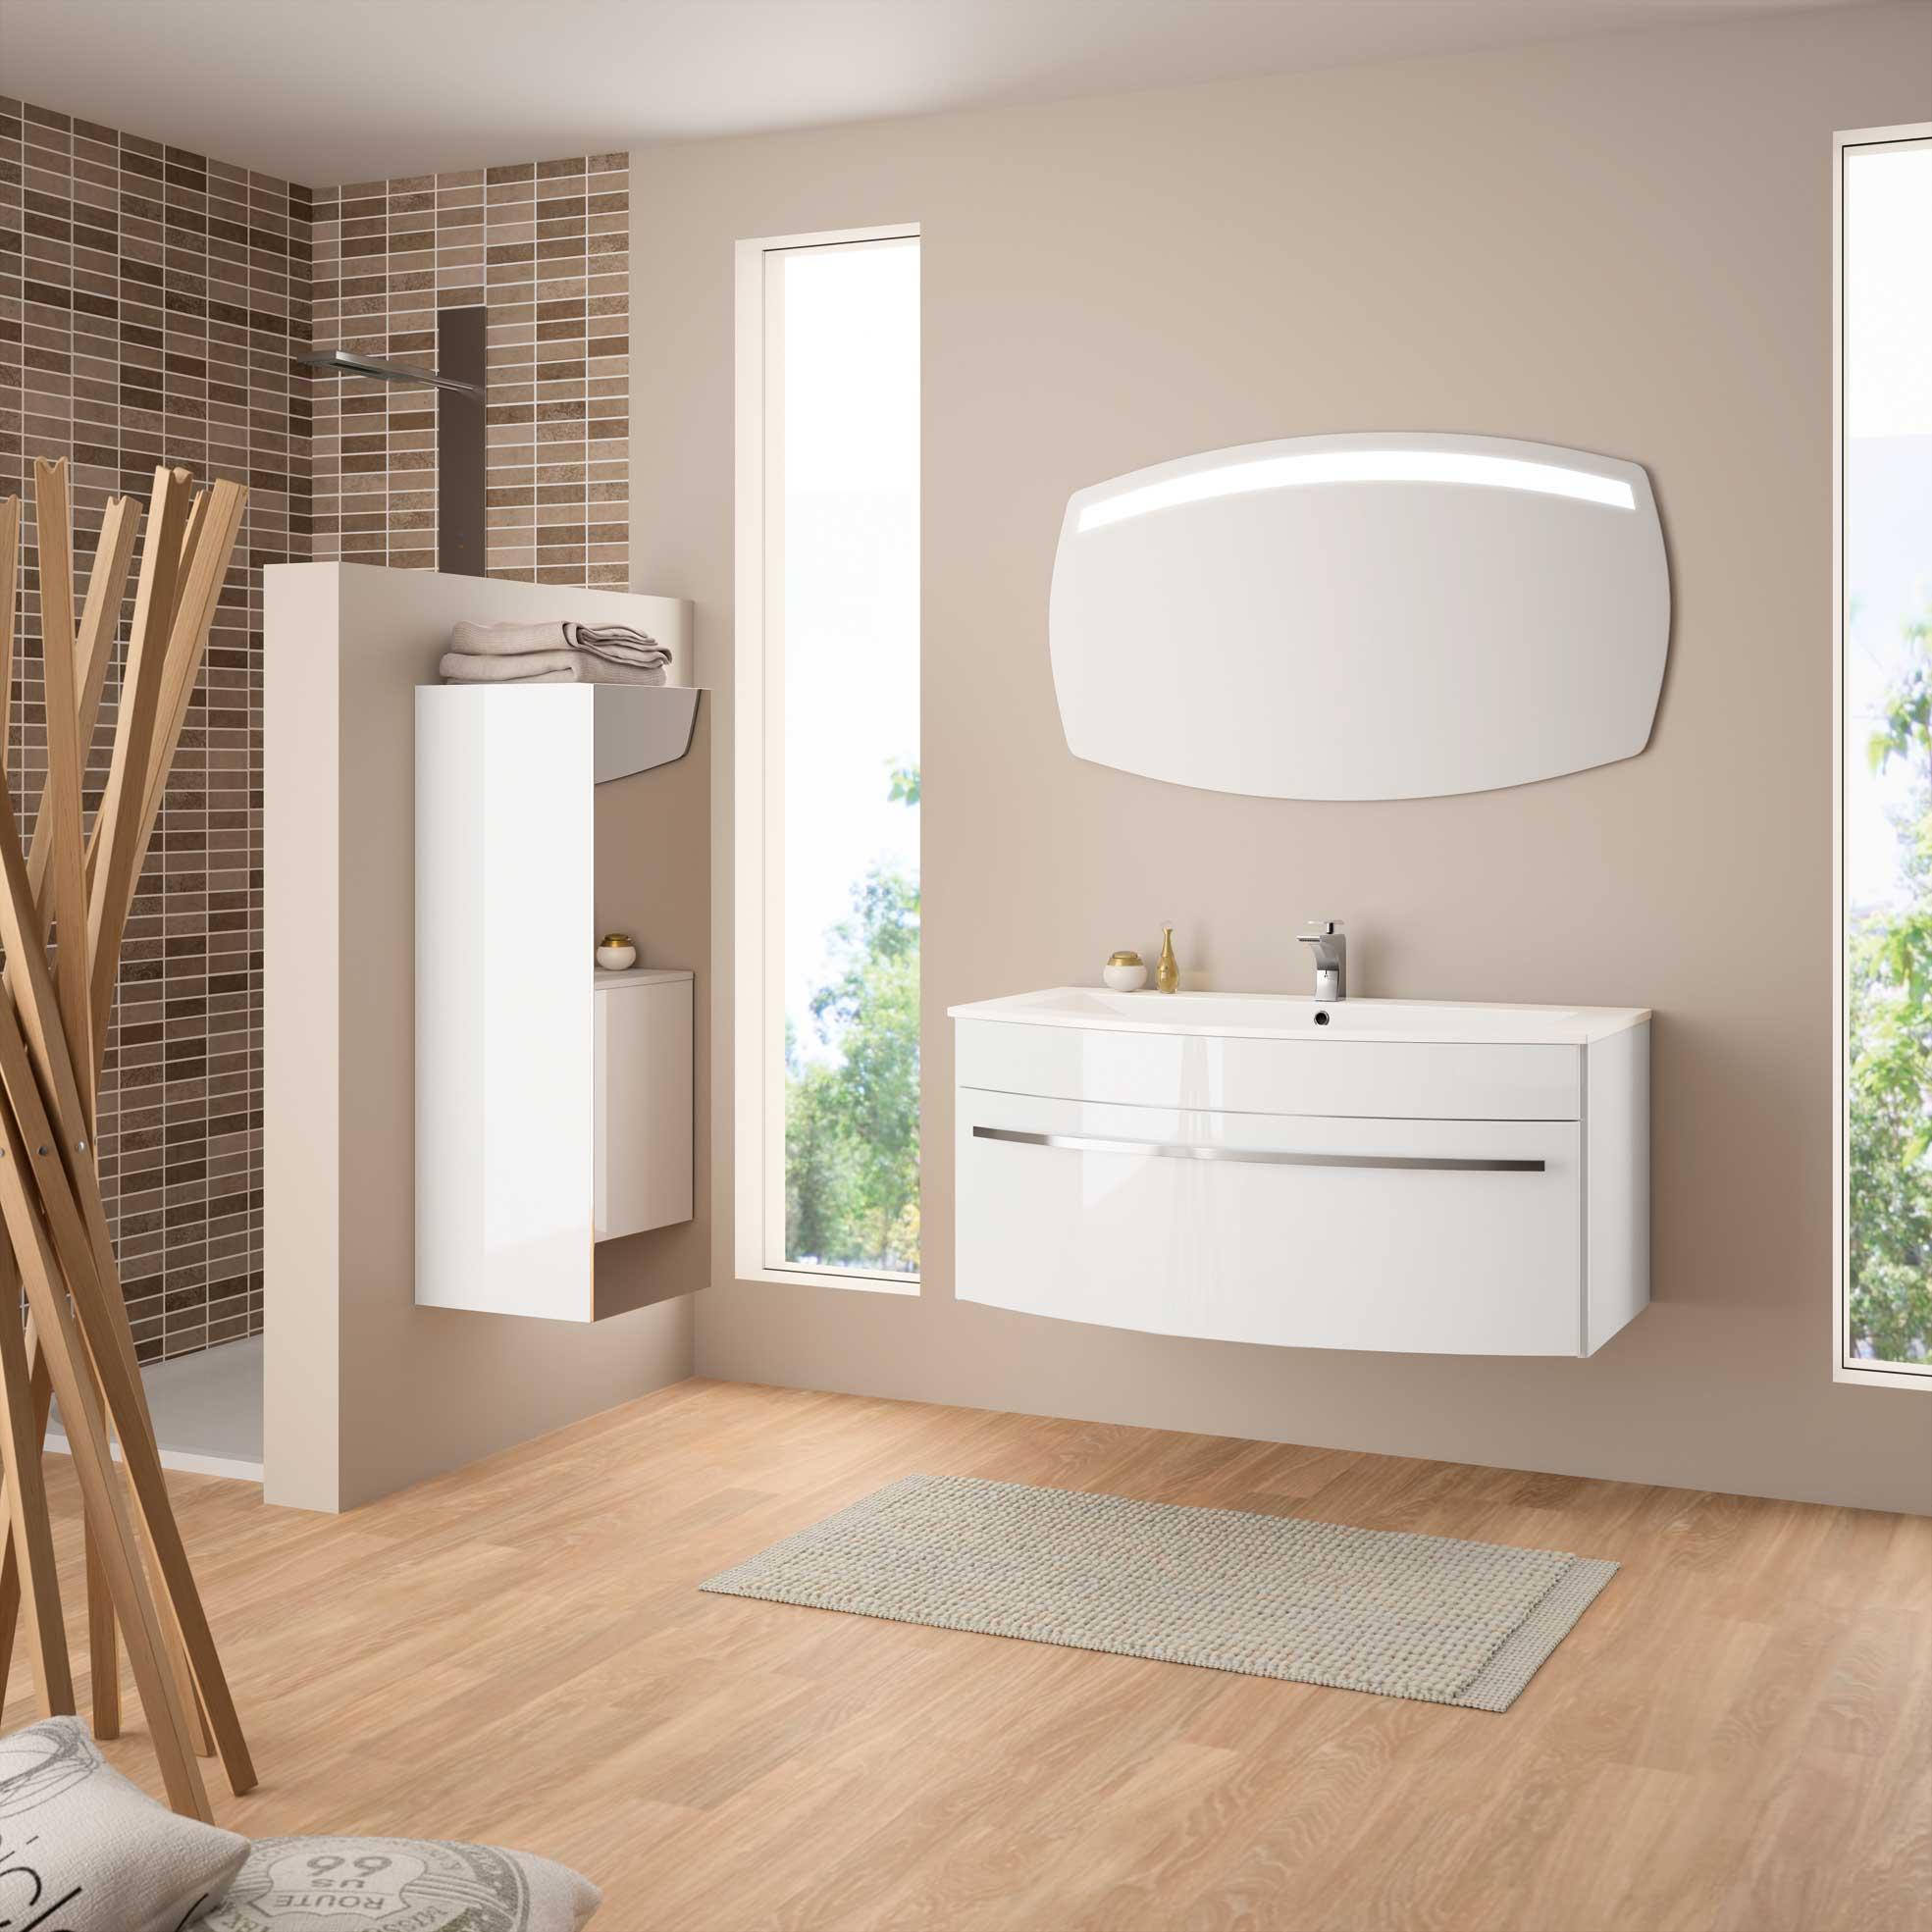 Cintra meubles de salle de bains baignoires fabricant for Fabricant salle de bain